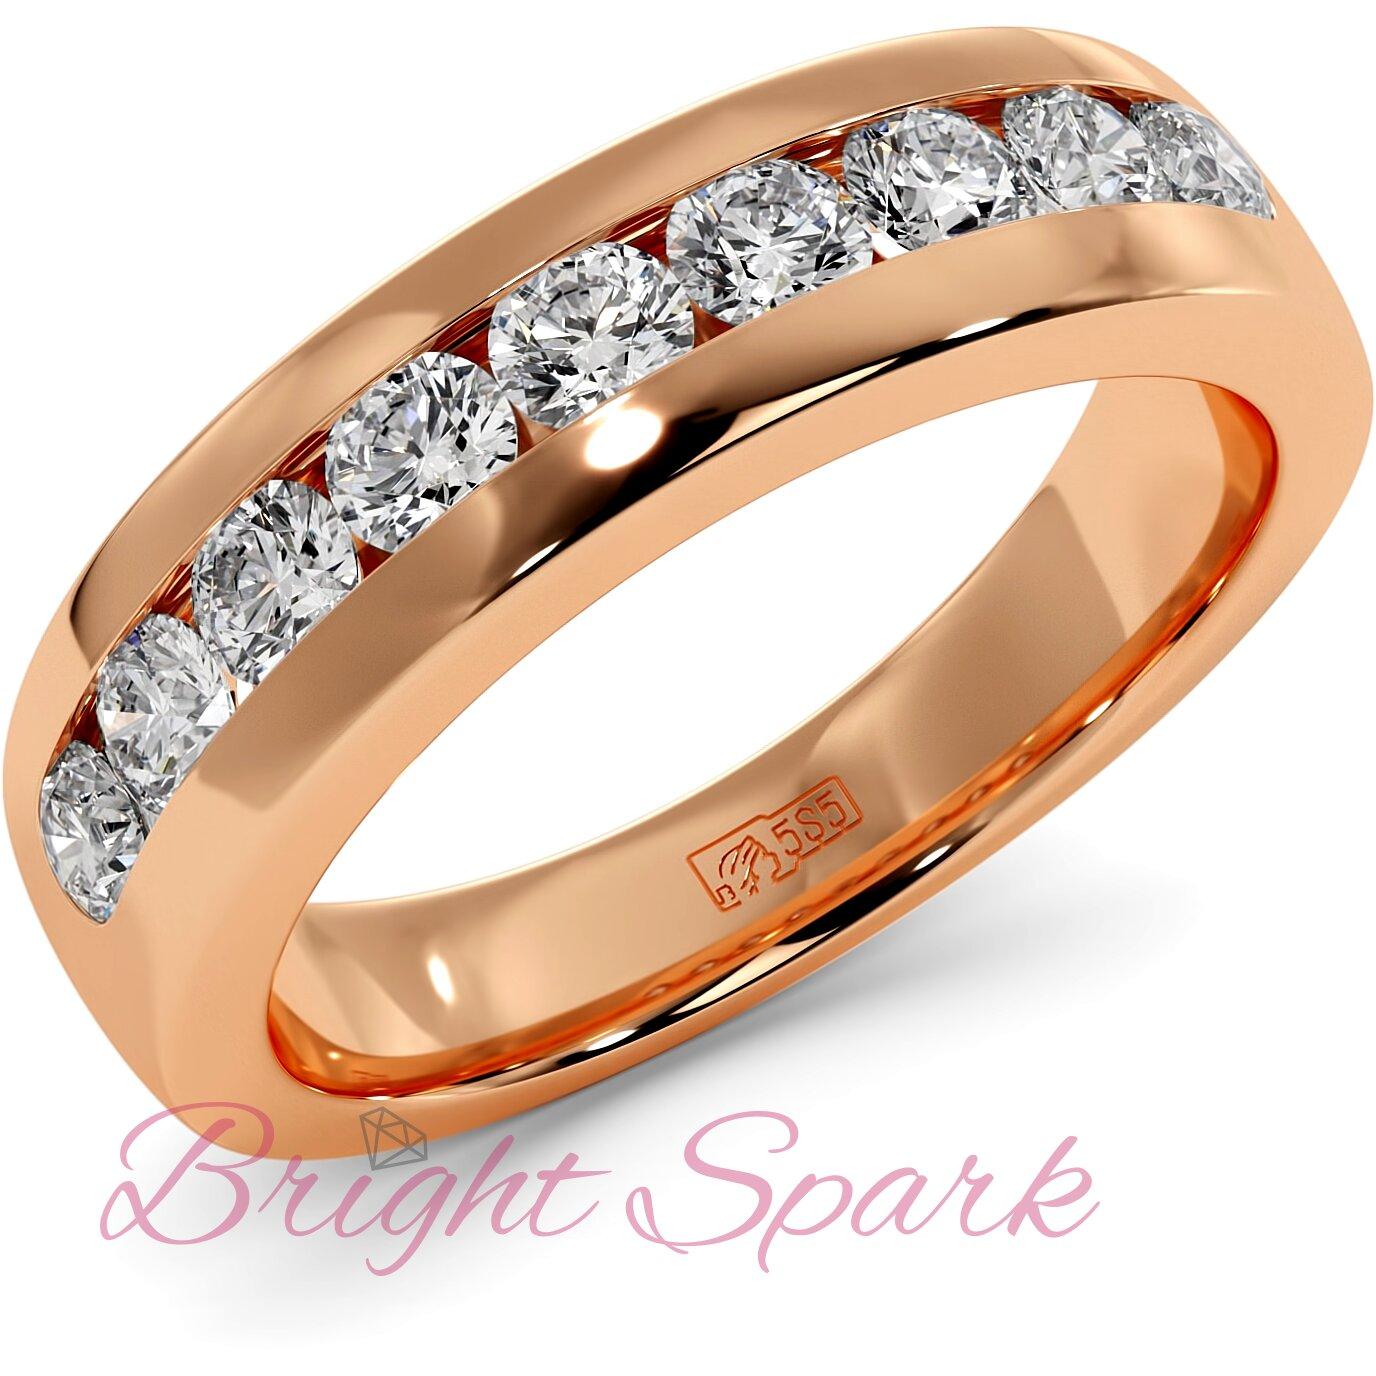 Обручальное кольцо розового золота с 9 камнями Robert 0,9 карата